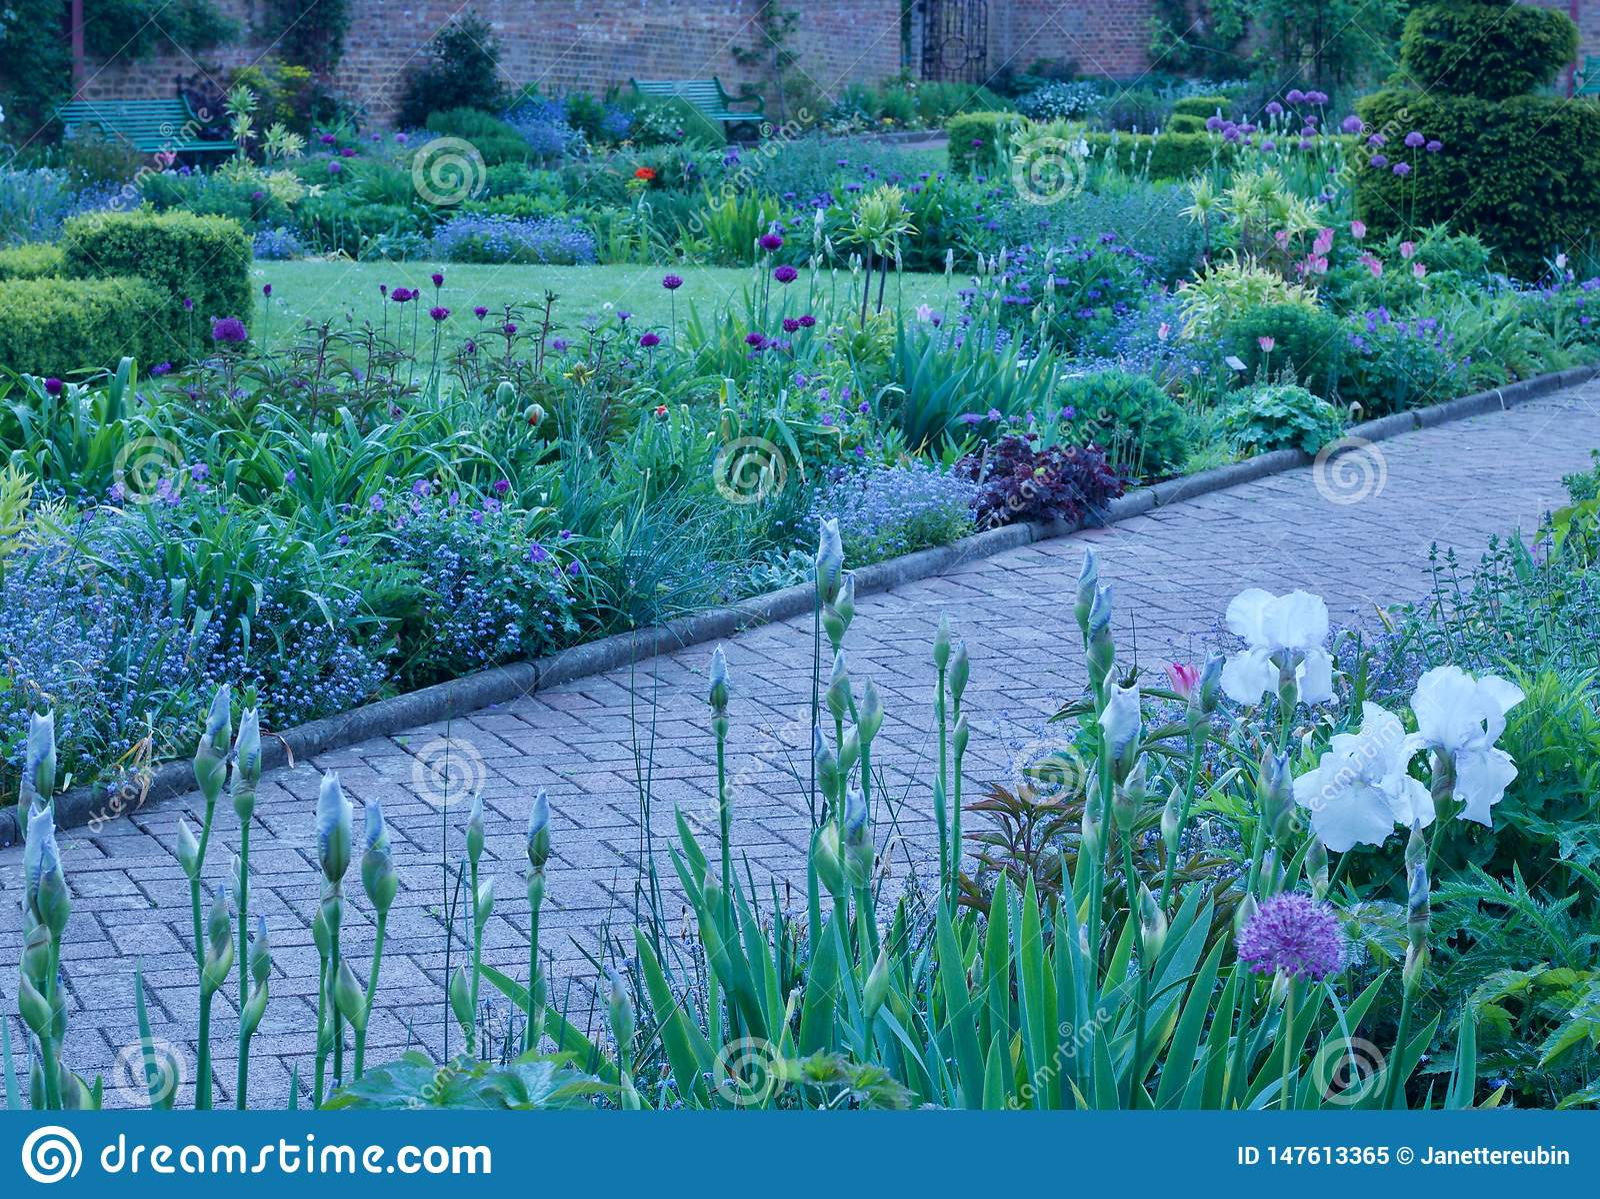 De mooie Engelse tuin van het plattelandshuisjeland met weg die tussen bloembedden lopen - beeld